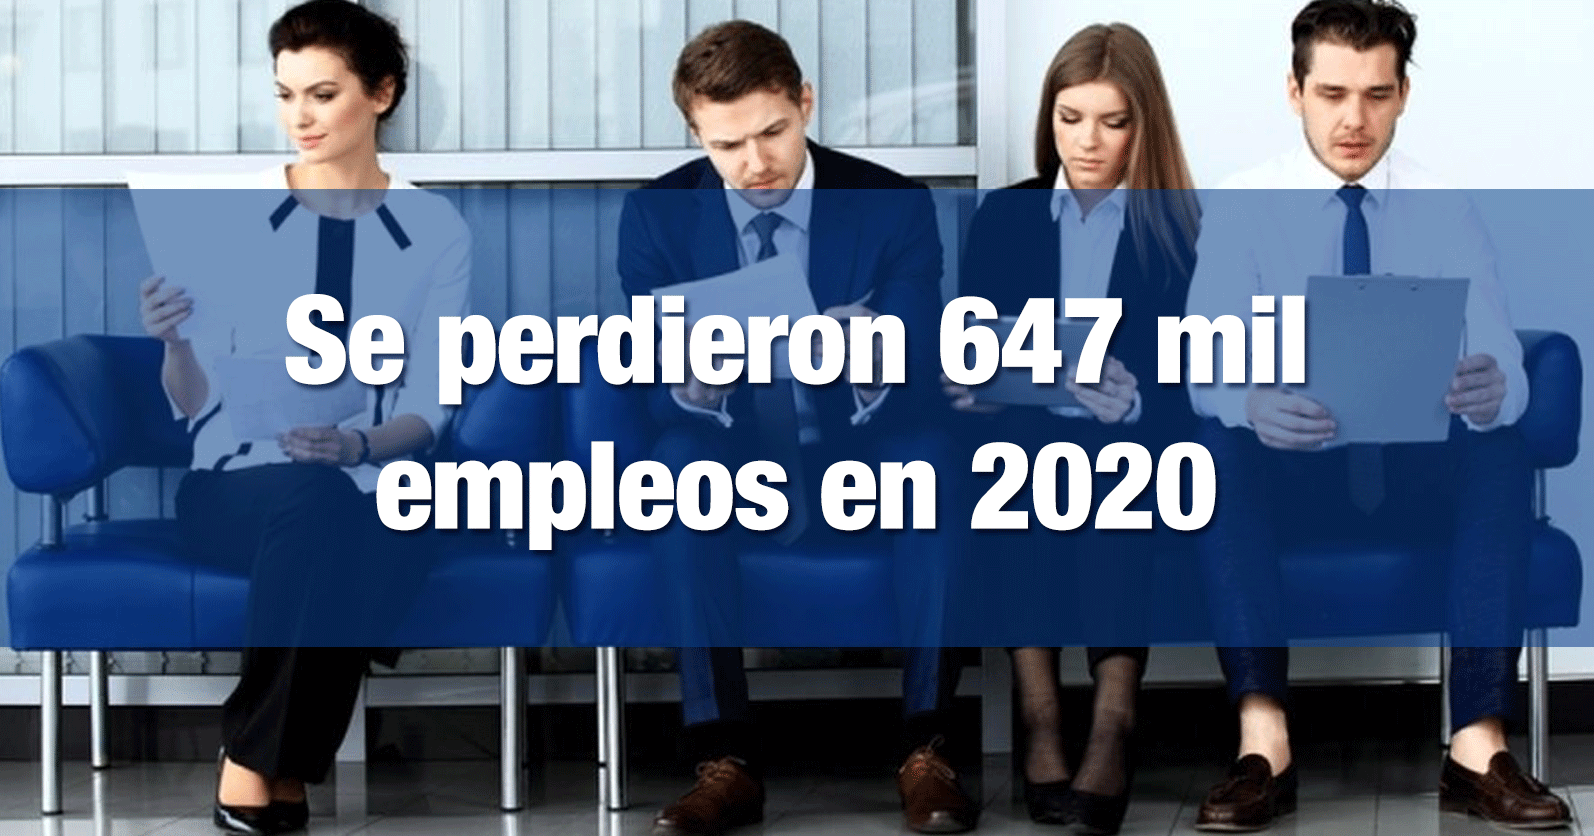 Se perdieron 647 mil empleos en 2020